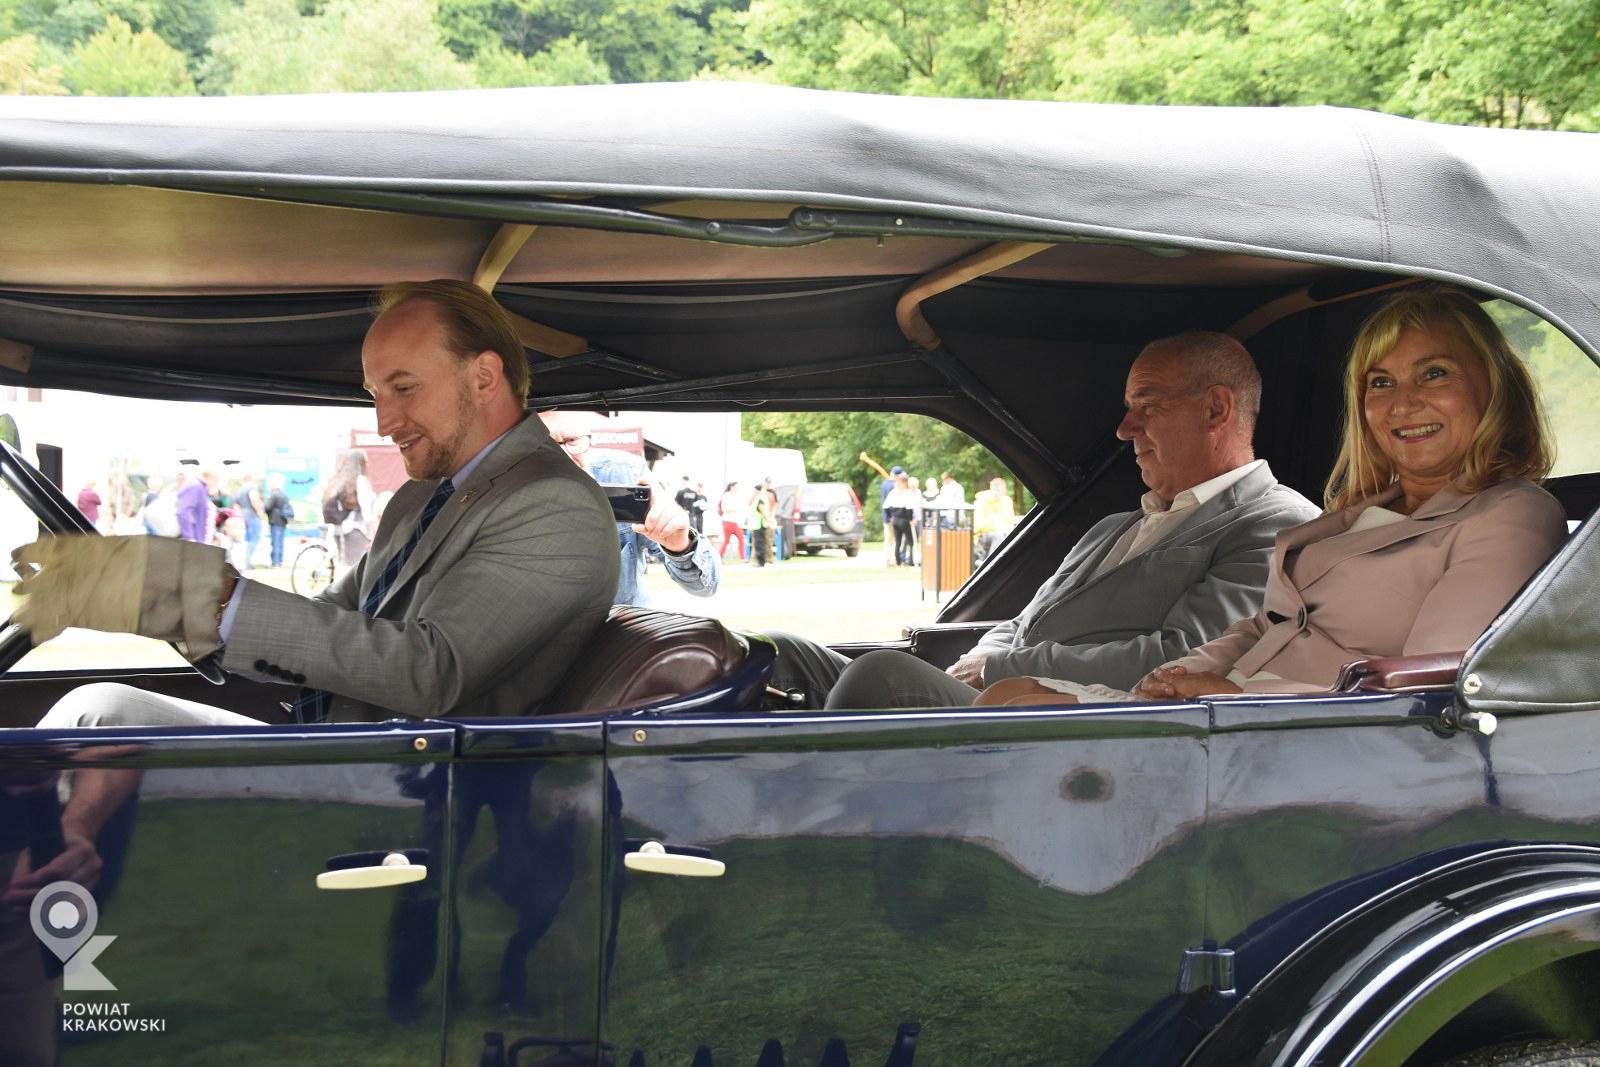 Kobieta i mężczyzna siedzą z tyłu zabytkowego samochodu, z przodu mężczyzna w rękawicach za kierownicą